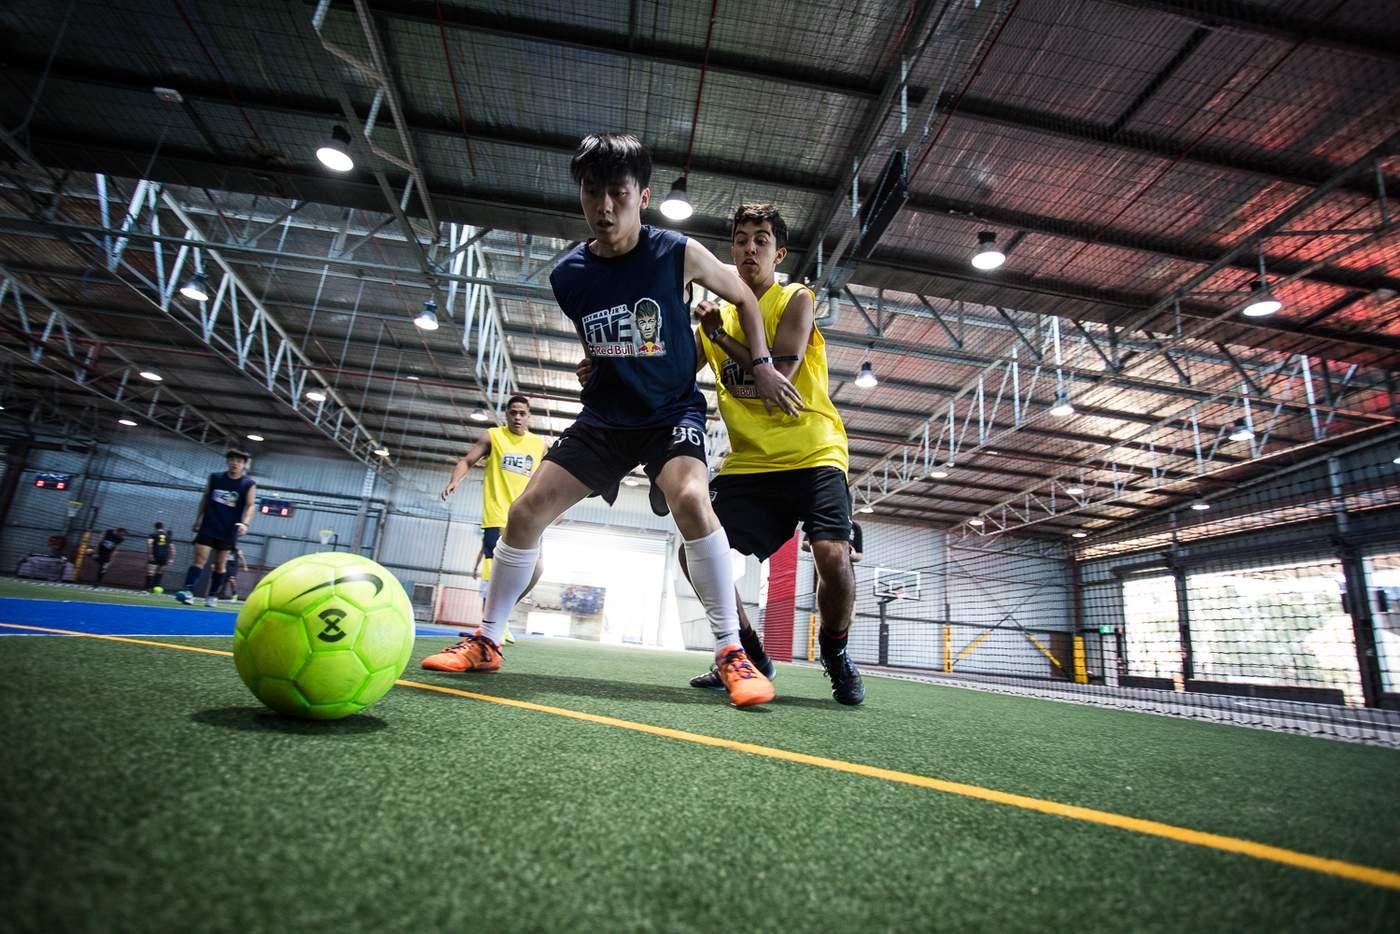 Vorteile von Indoor-Sportvereinen